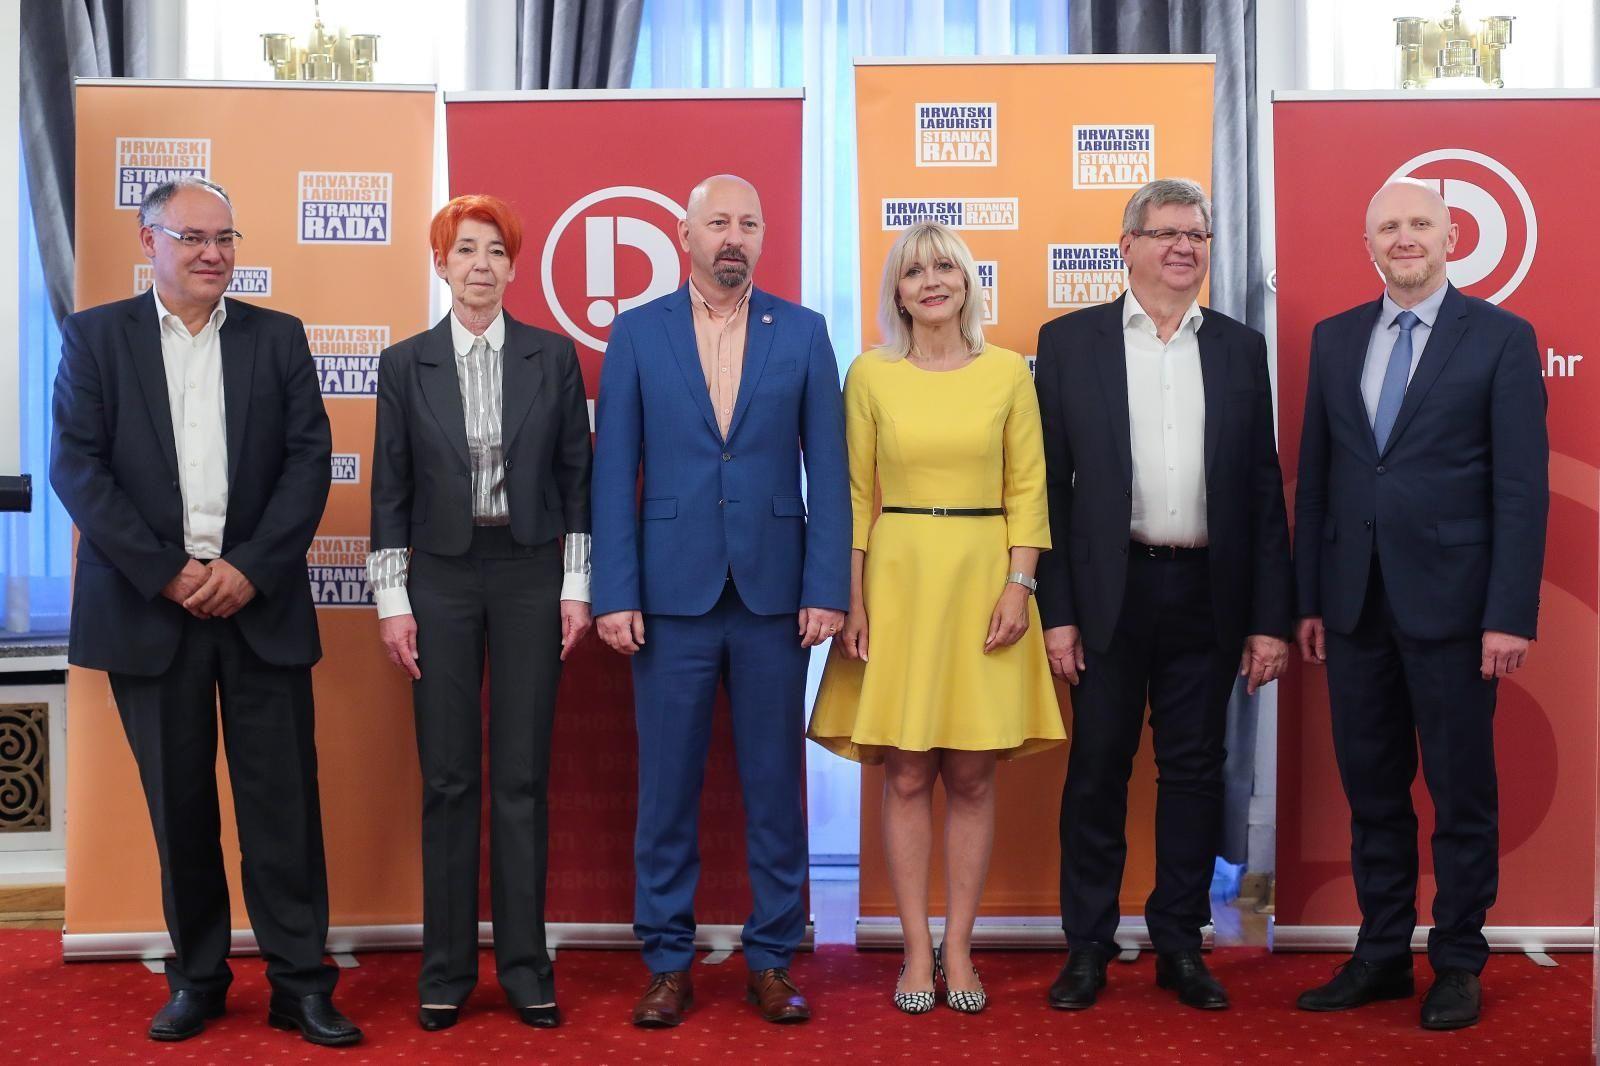 Demokrati i Hrvatski Laburisti predstavili program ODGOVORNO ZA HRVATSKU